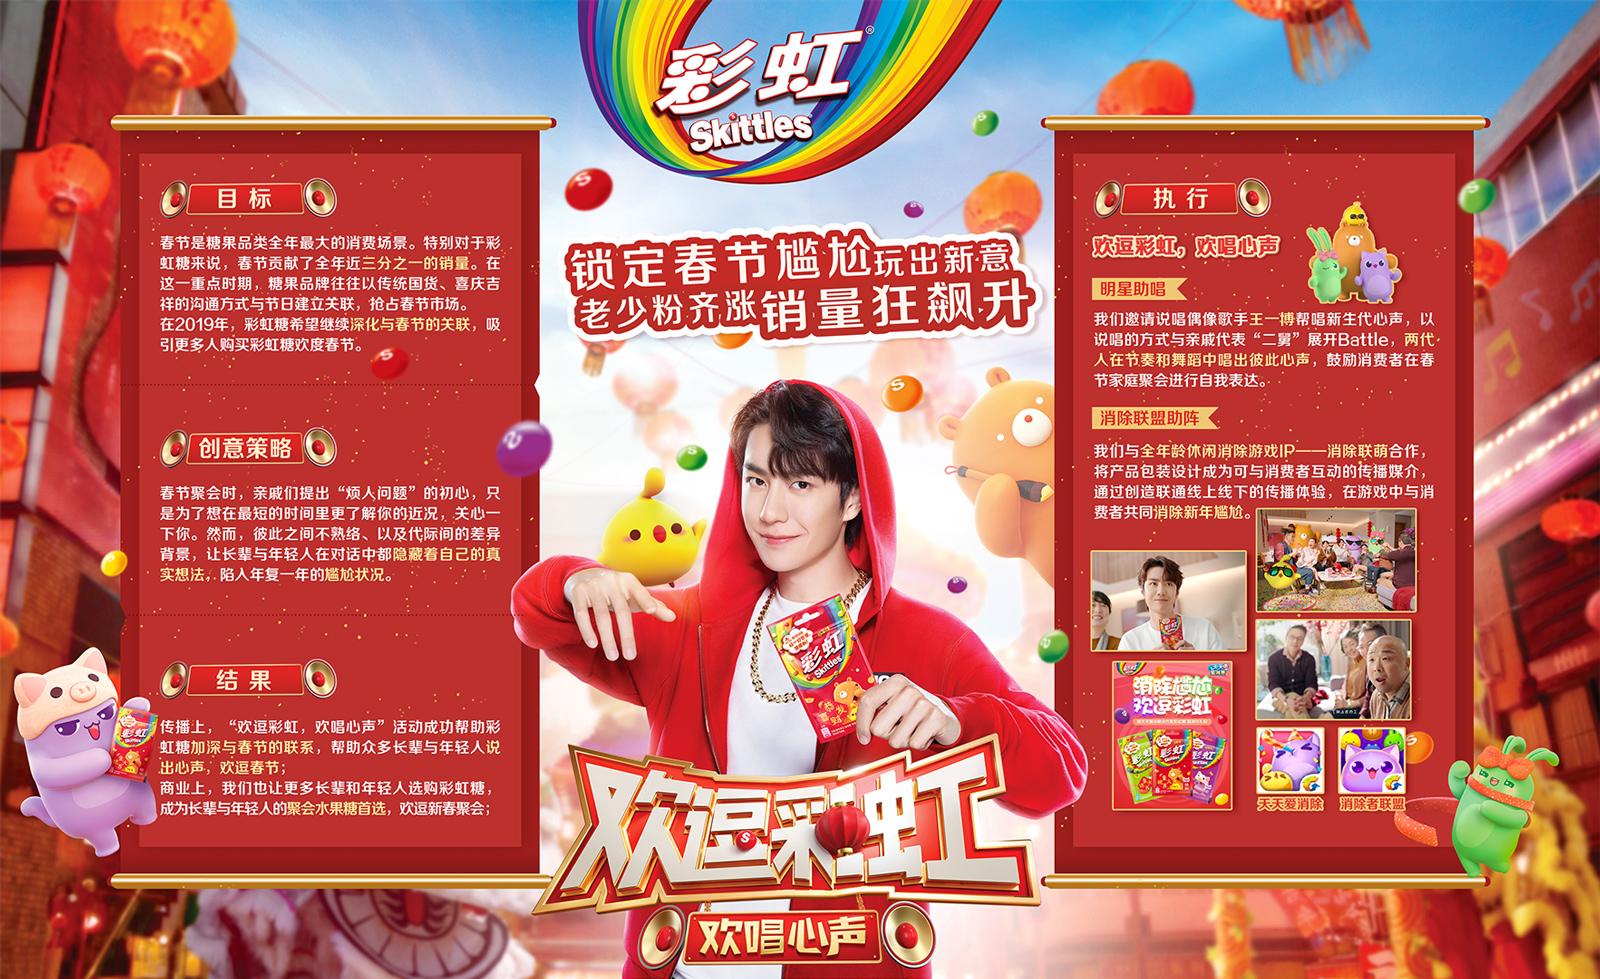 2019_cn_2019_e191-pf-163431839_hero_1